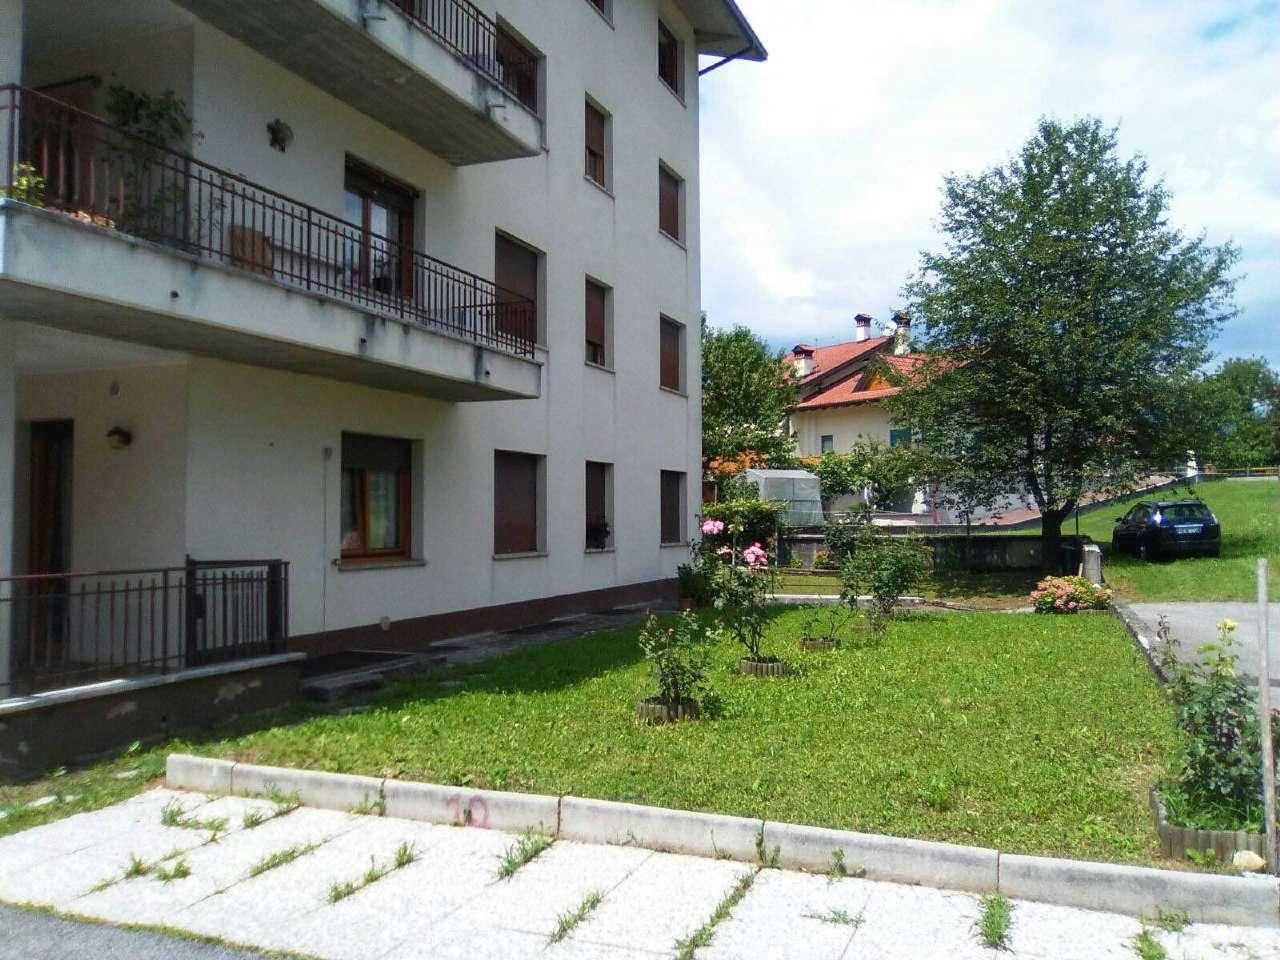 Appartamento in vendita a Mel, 6 locali, prezzo € 125.000 | Cambio Casa.it